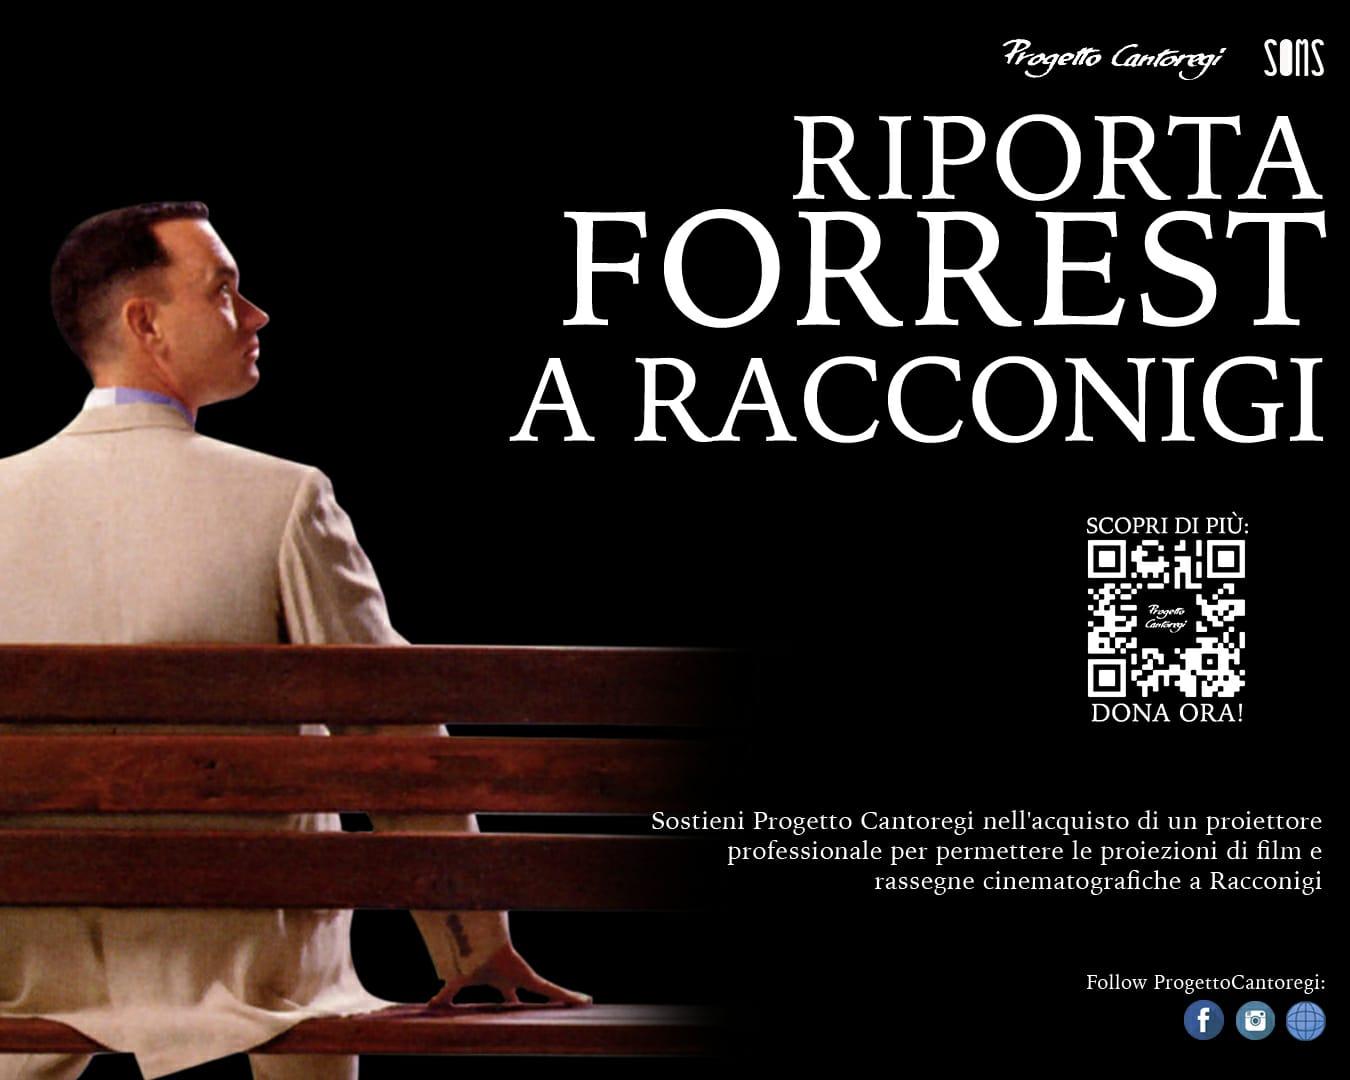 Cinema a Racconigi, arriverà il nuovo proiettore grazie al crowfunding